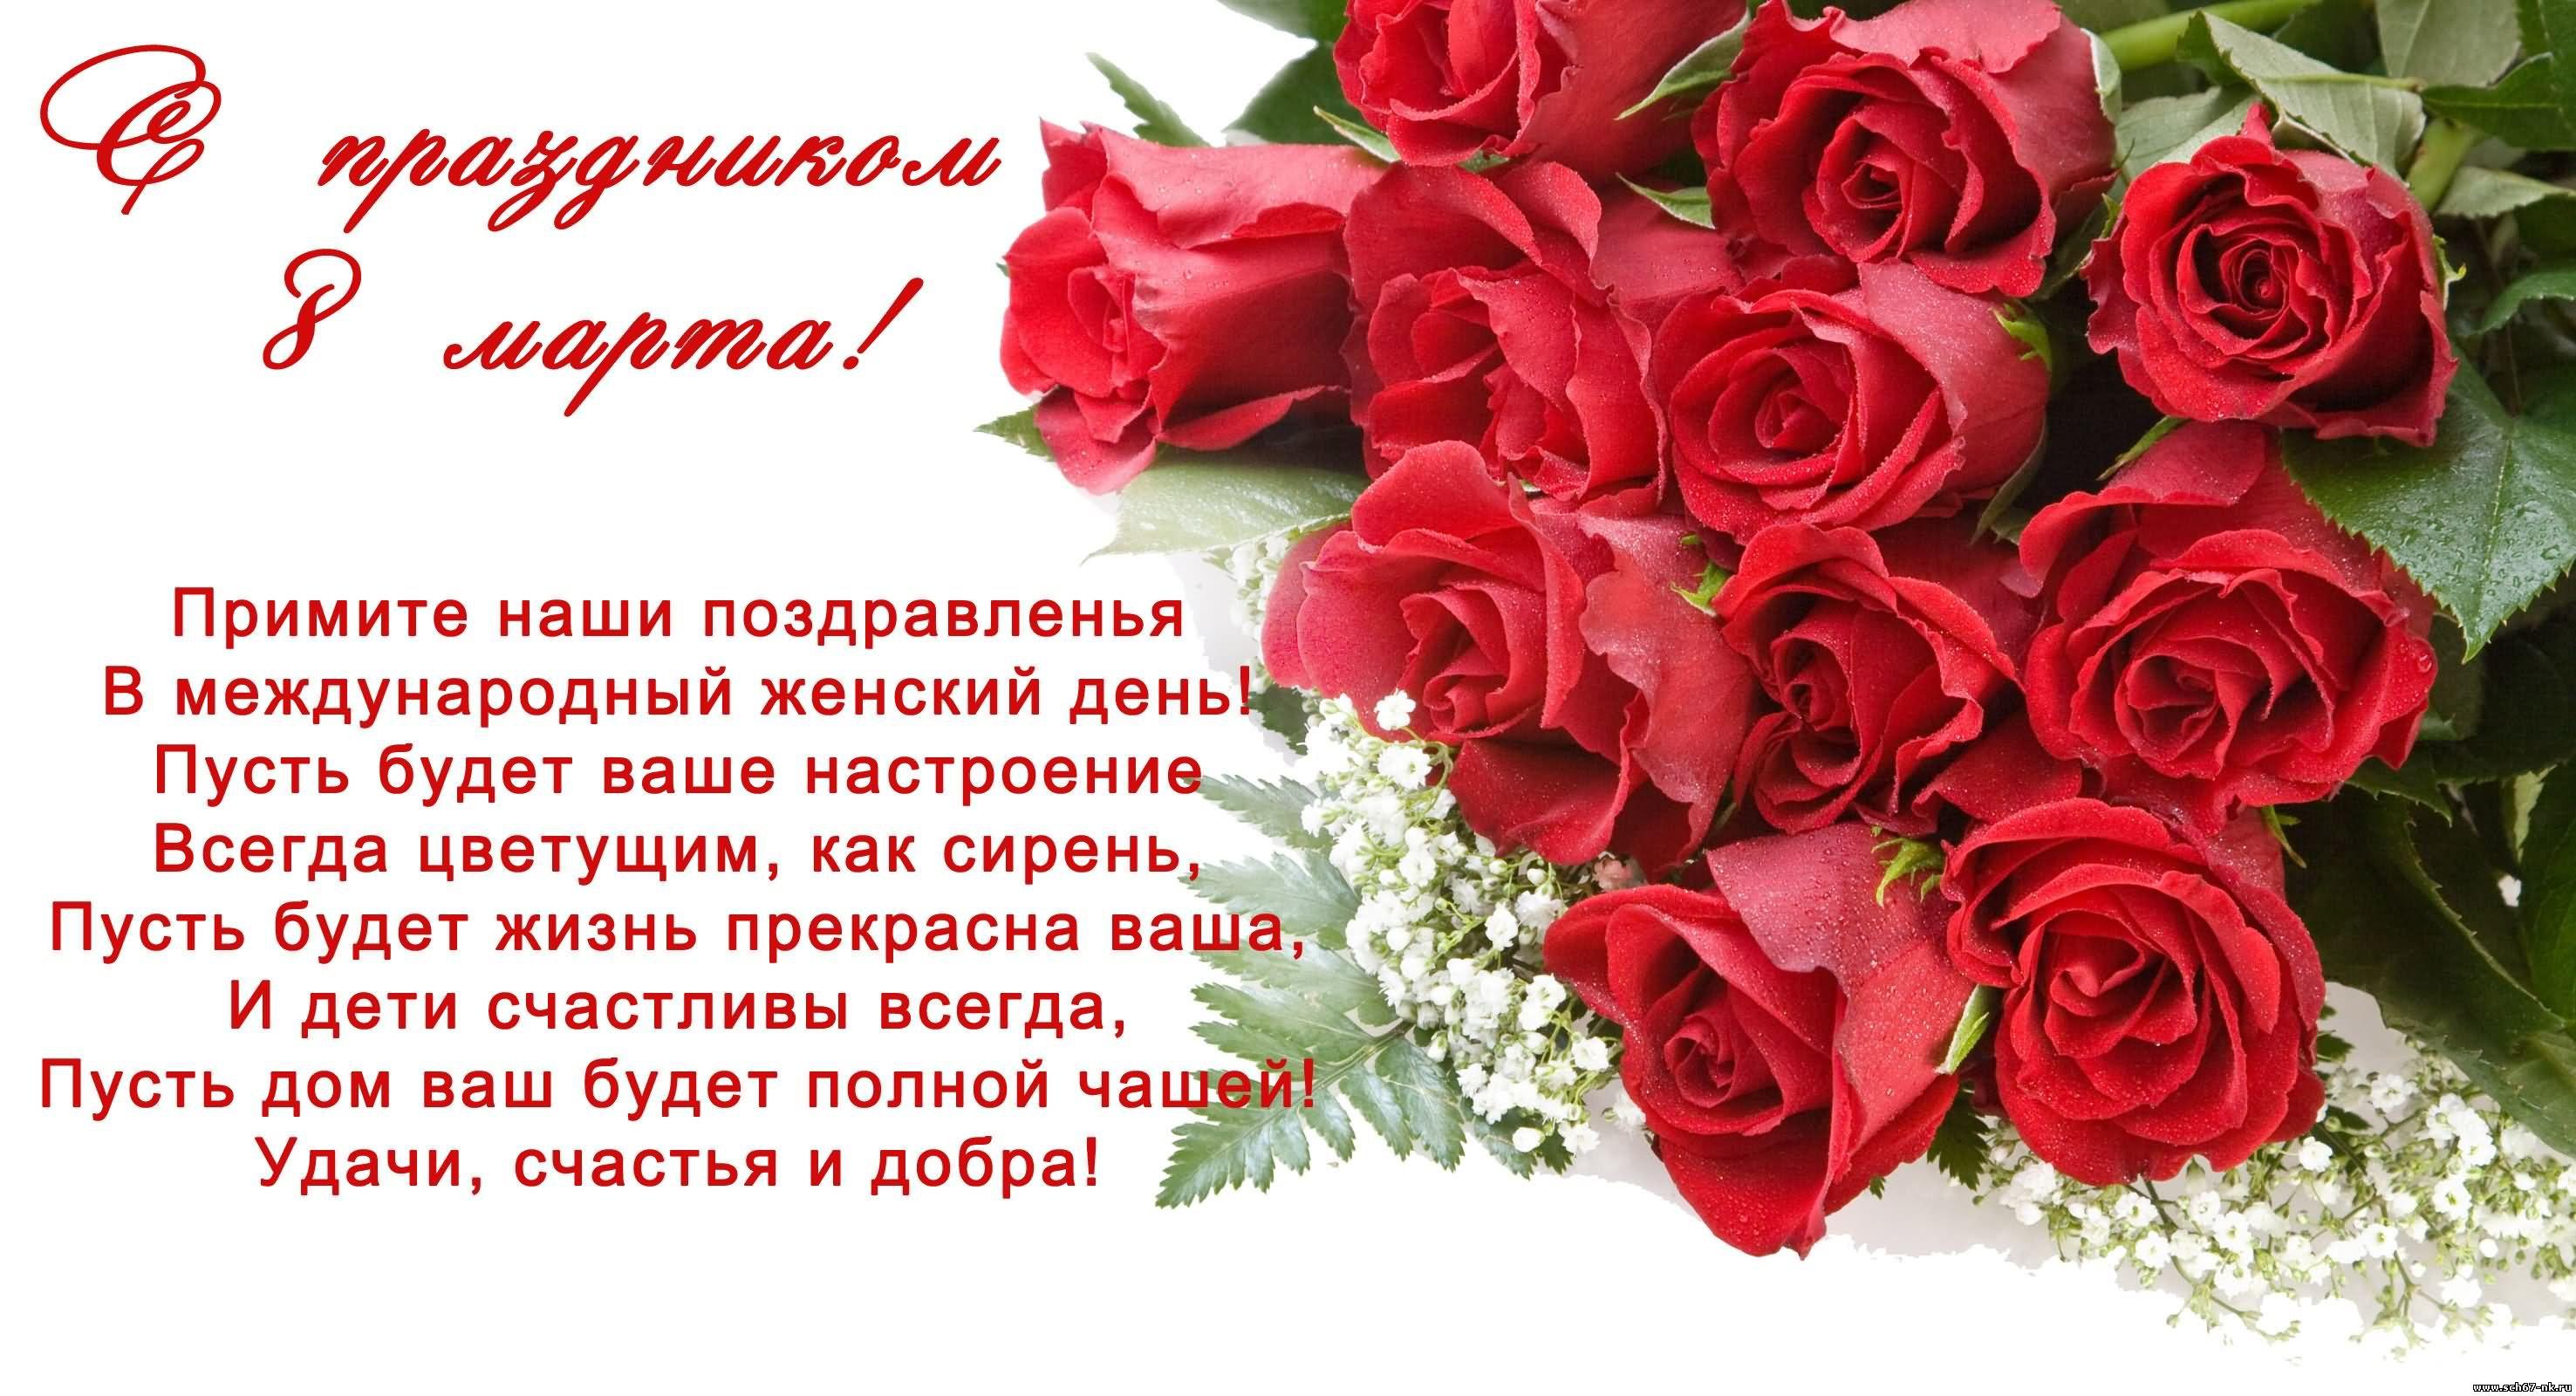 Поздравления с женским международным днем